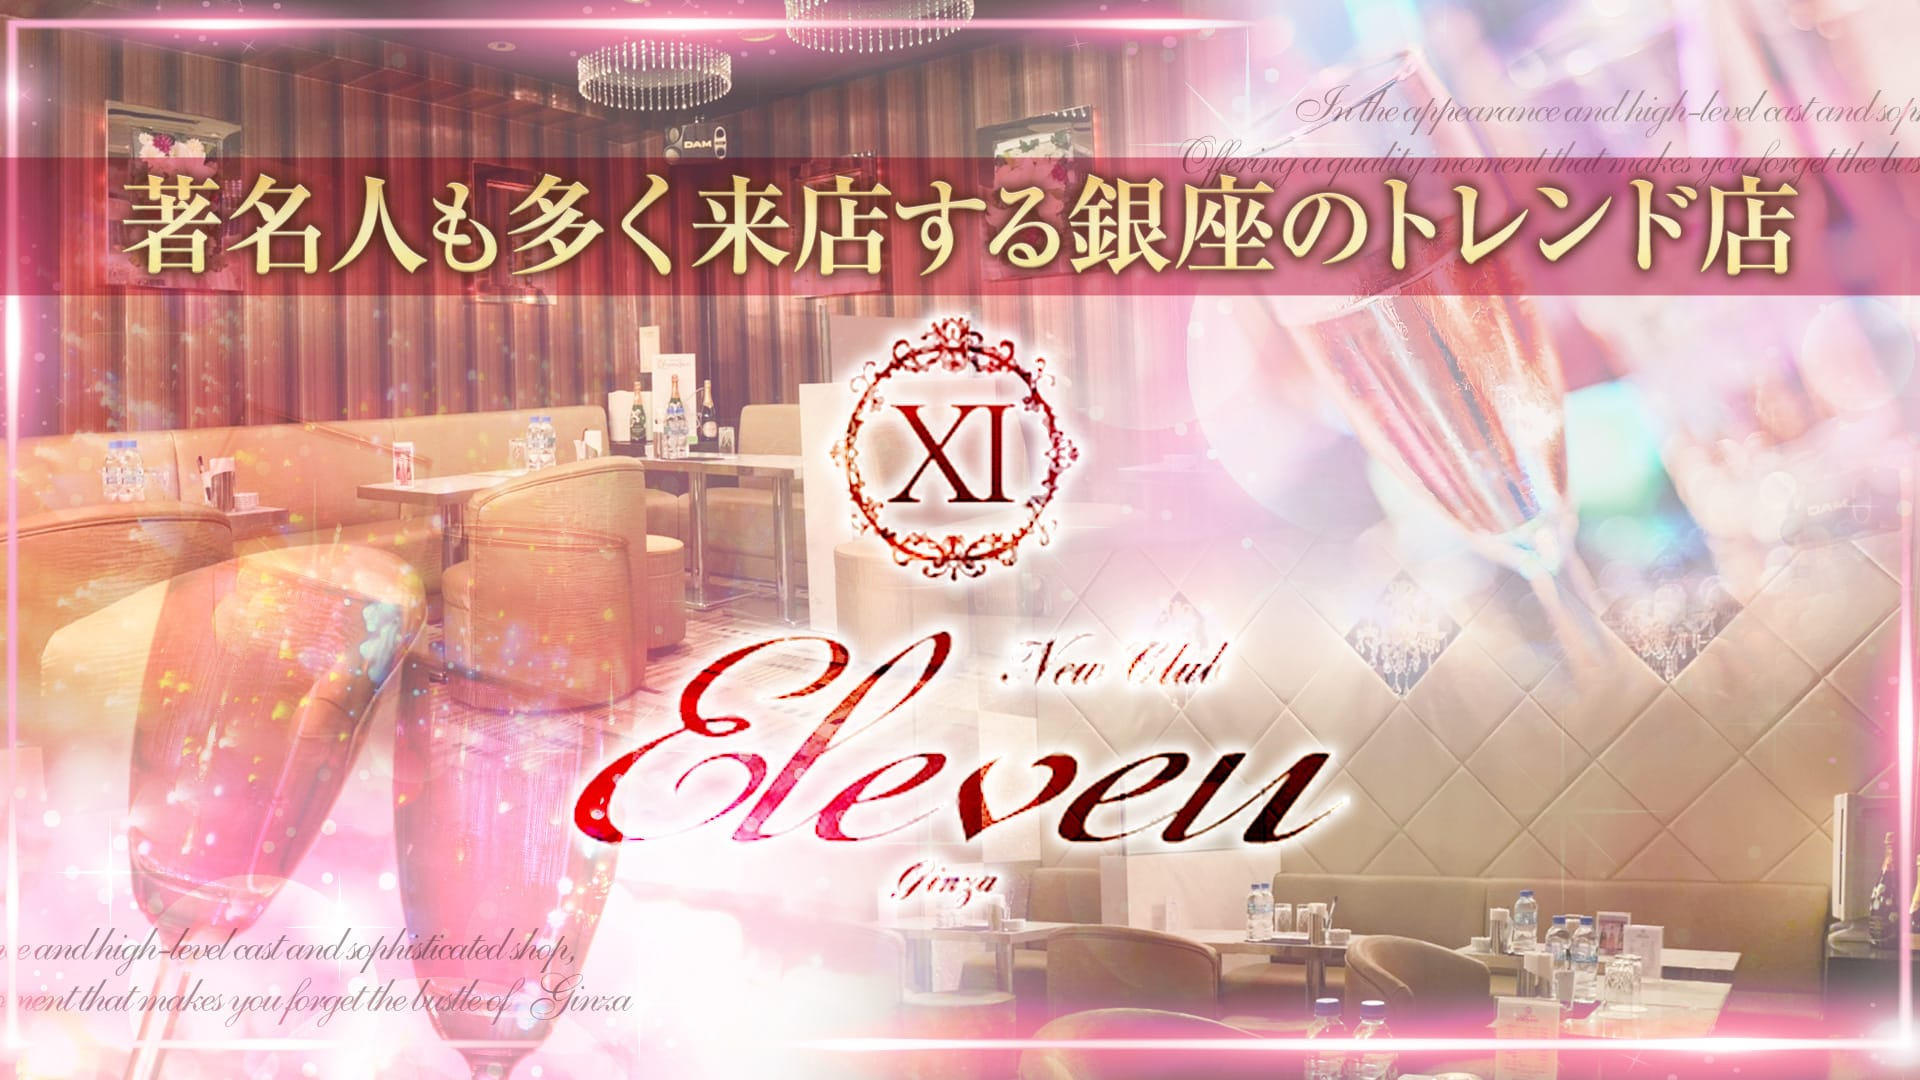 Club Eleven(イレブン) 銀座キャバクラ TOP画像